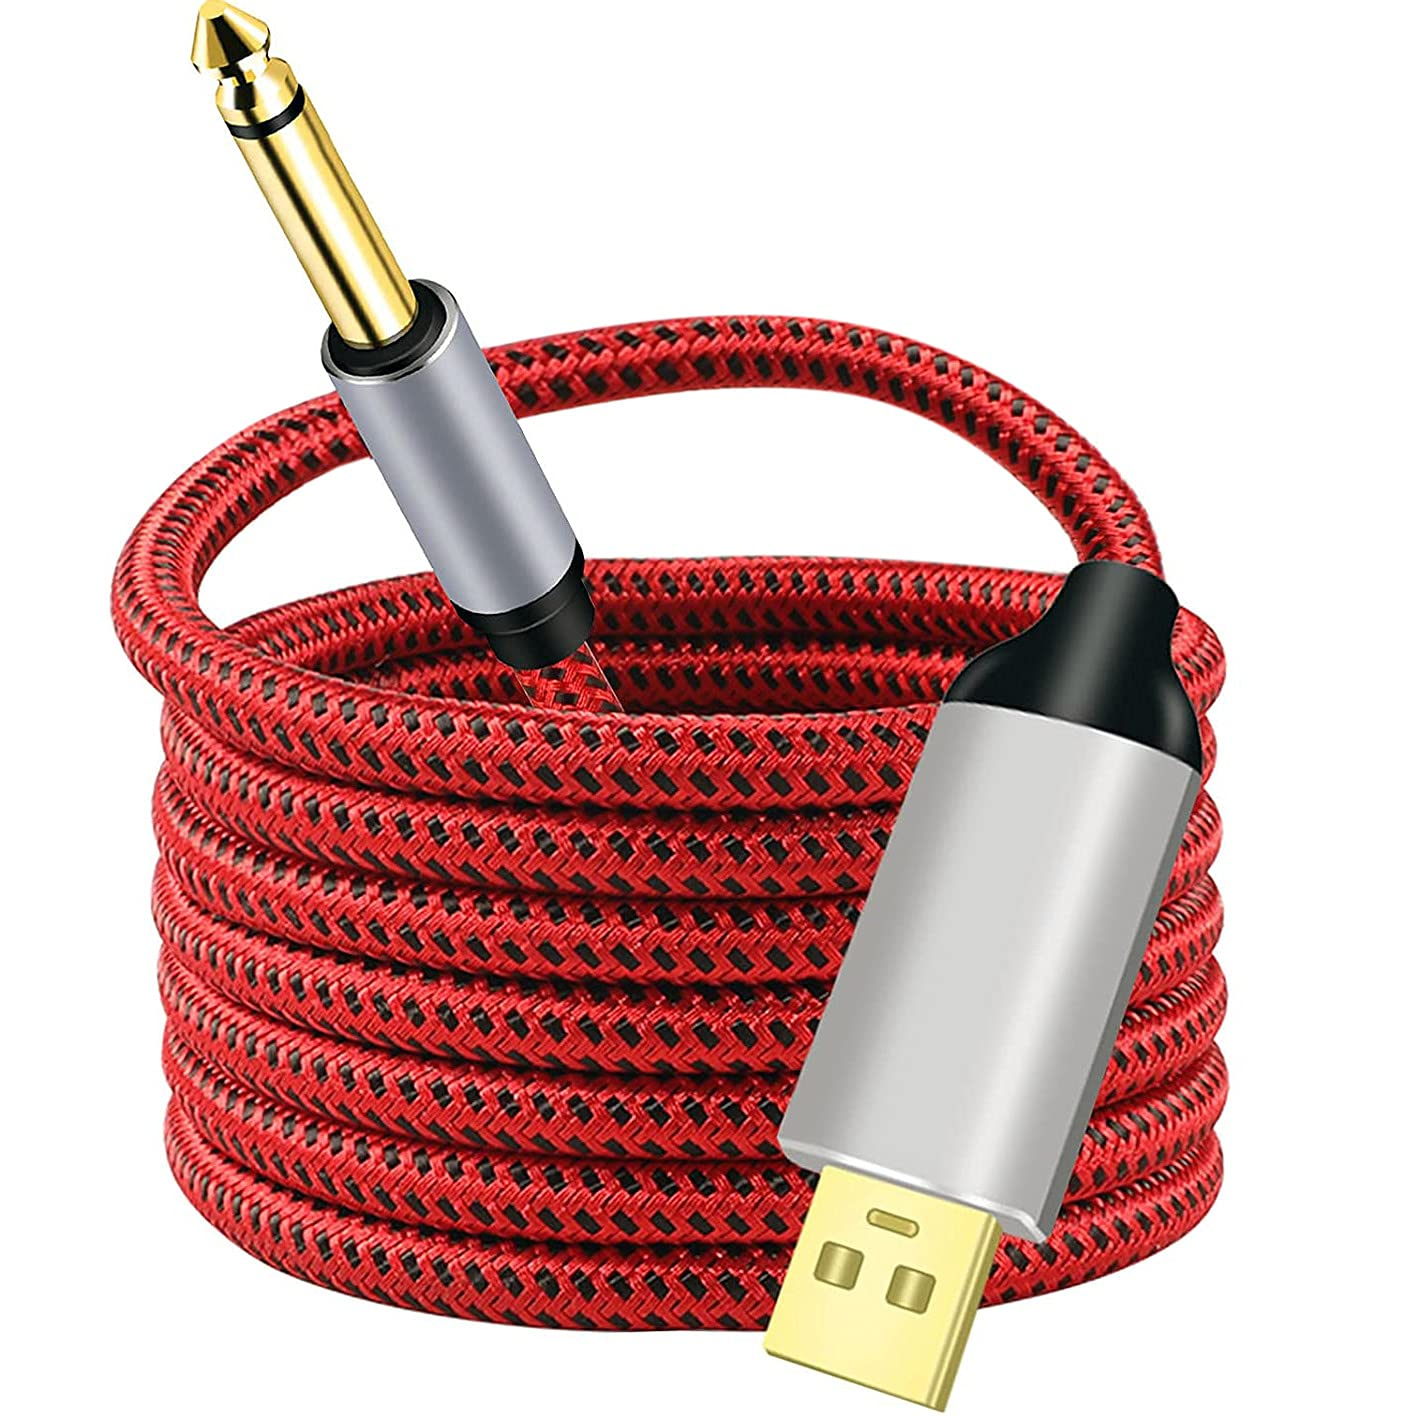 LSYTASG USB a Cable de Guitarra, Interfaz USB Male a Jack de 6,55mm Accesorio de Guitarra Eléctrica, Cable Conector de Audio de Ordenador Adaptador para Instrumento Musical (3M)